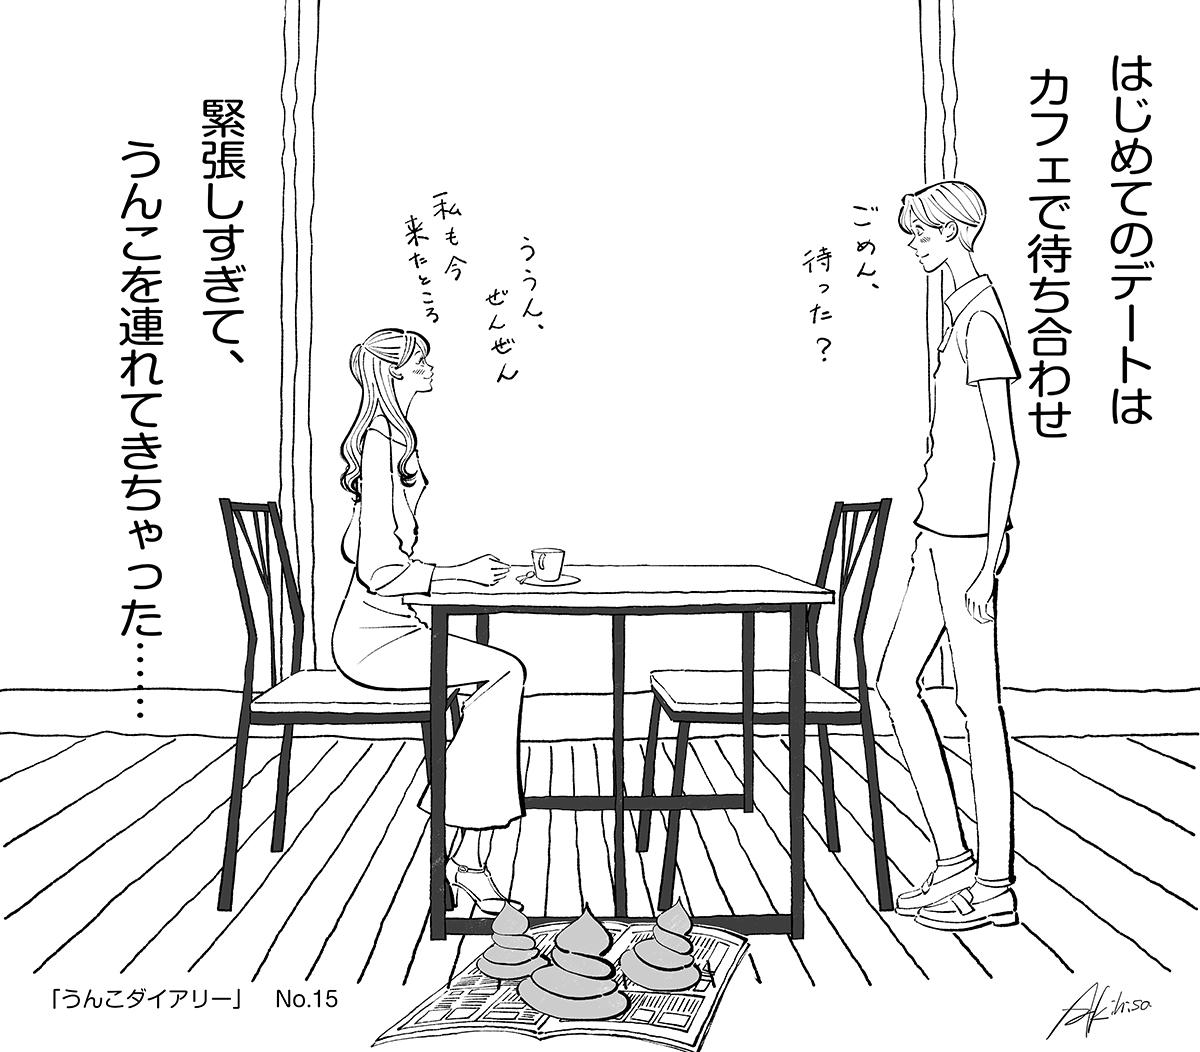 カフェで初めてのデートをするカップルのイラスト